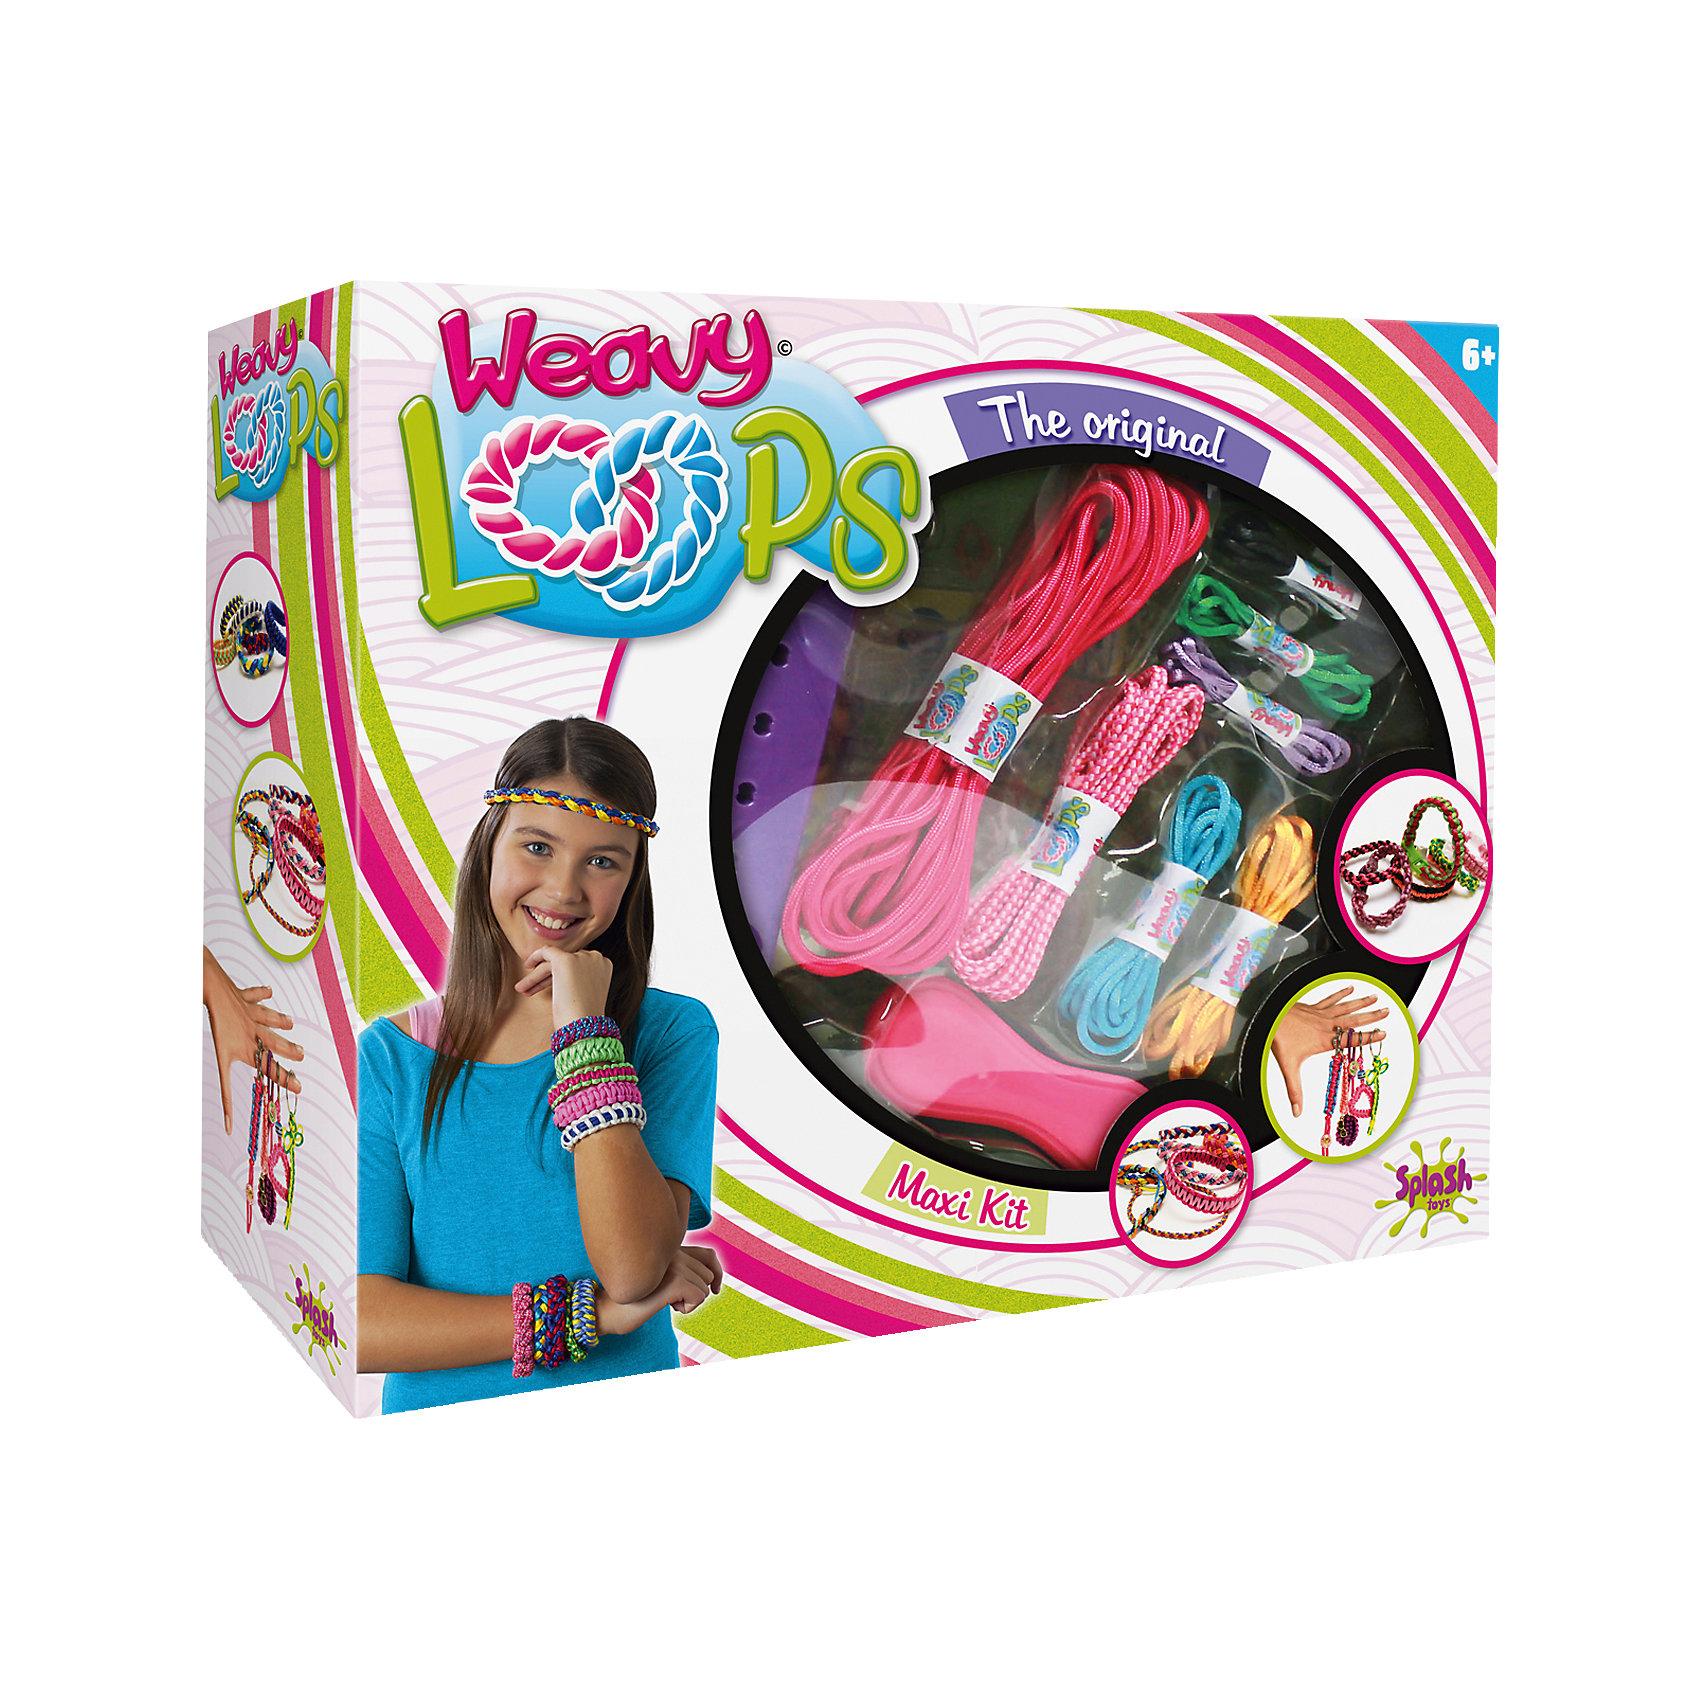 Набор для создания украшений 4 в 1, Weavy LoopsРукоделие<br>Большой набор для создания украшений 4 в 1, Weavy Loops - увлекательный набор для творчества, который надолго увлечет Вашу девочку и не даст ей скучать. Браслеты, обручи, брелки, цветные шнурки для украшения различных аксессуаров - можно сплести все, что подскажет фантазия. В комплекте Вы найдете все необходимые для изготовления ярких и стильных украшений: инструмент для плетения, цветные шнурки разных цветов, клипсы, цветные колечки, петли и другие аксессуары. Несложная, доступная даже новичкам техника плетения позволит Вам быстро освоить новый вид творчества и порадоваться первым успехам. Оригинальные украшения помогут создать свой неповторимый стиль или станут прекрасным подарком, сделанным своими руками. Комплект оформлен в яркую подарочную коробочку. Развивает творческие и художественные способности, фантазию, усидчивость, мелкую моторику.<br><br> Дополнительная информация:<br><br>- В комплекте: инструмент для плетения, цветные шнурки, петли, застежки, клипсы, цветные колечки, наклейки для украшения, другие аксессуары.<br>- Материал: пластик, текстиль, металл.<br>- Размер упаковки: 26,1 x 31,9 x 8,3 см. <br>- Вес: 0,598 кг.<br><br>Набор для создания украшений 4 в 1, Weavy Loops, можно купить в нашем интернет-магазине.<br><br>Ширина мм: 330<br>Глубина мм: 259<br>Высота мм: 88<br>Вес г: 591<br>Возраст от месяцев: 72<br>Возраст до месяцев: 144<br>Пол: Женский<br>Возраст: Детский<br>SKU: 4050216